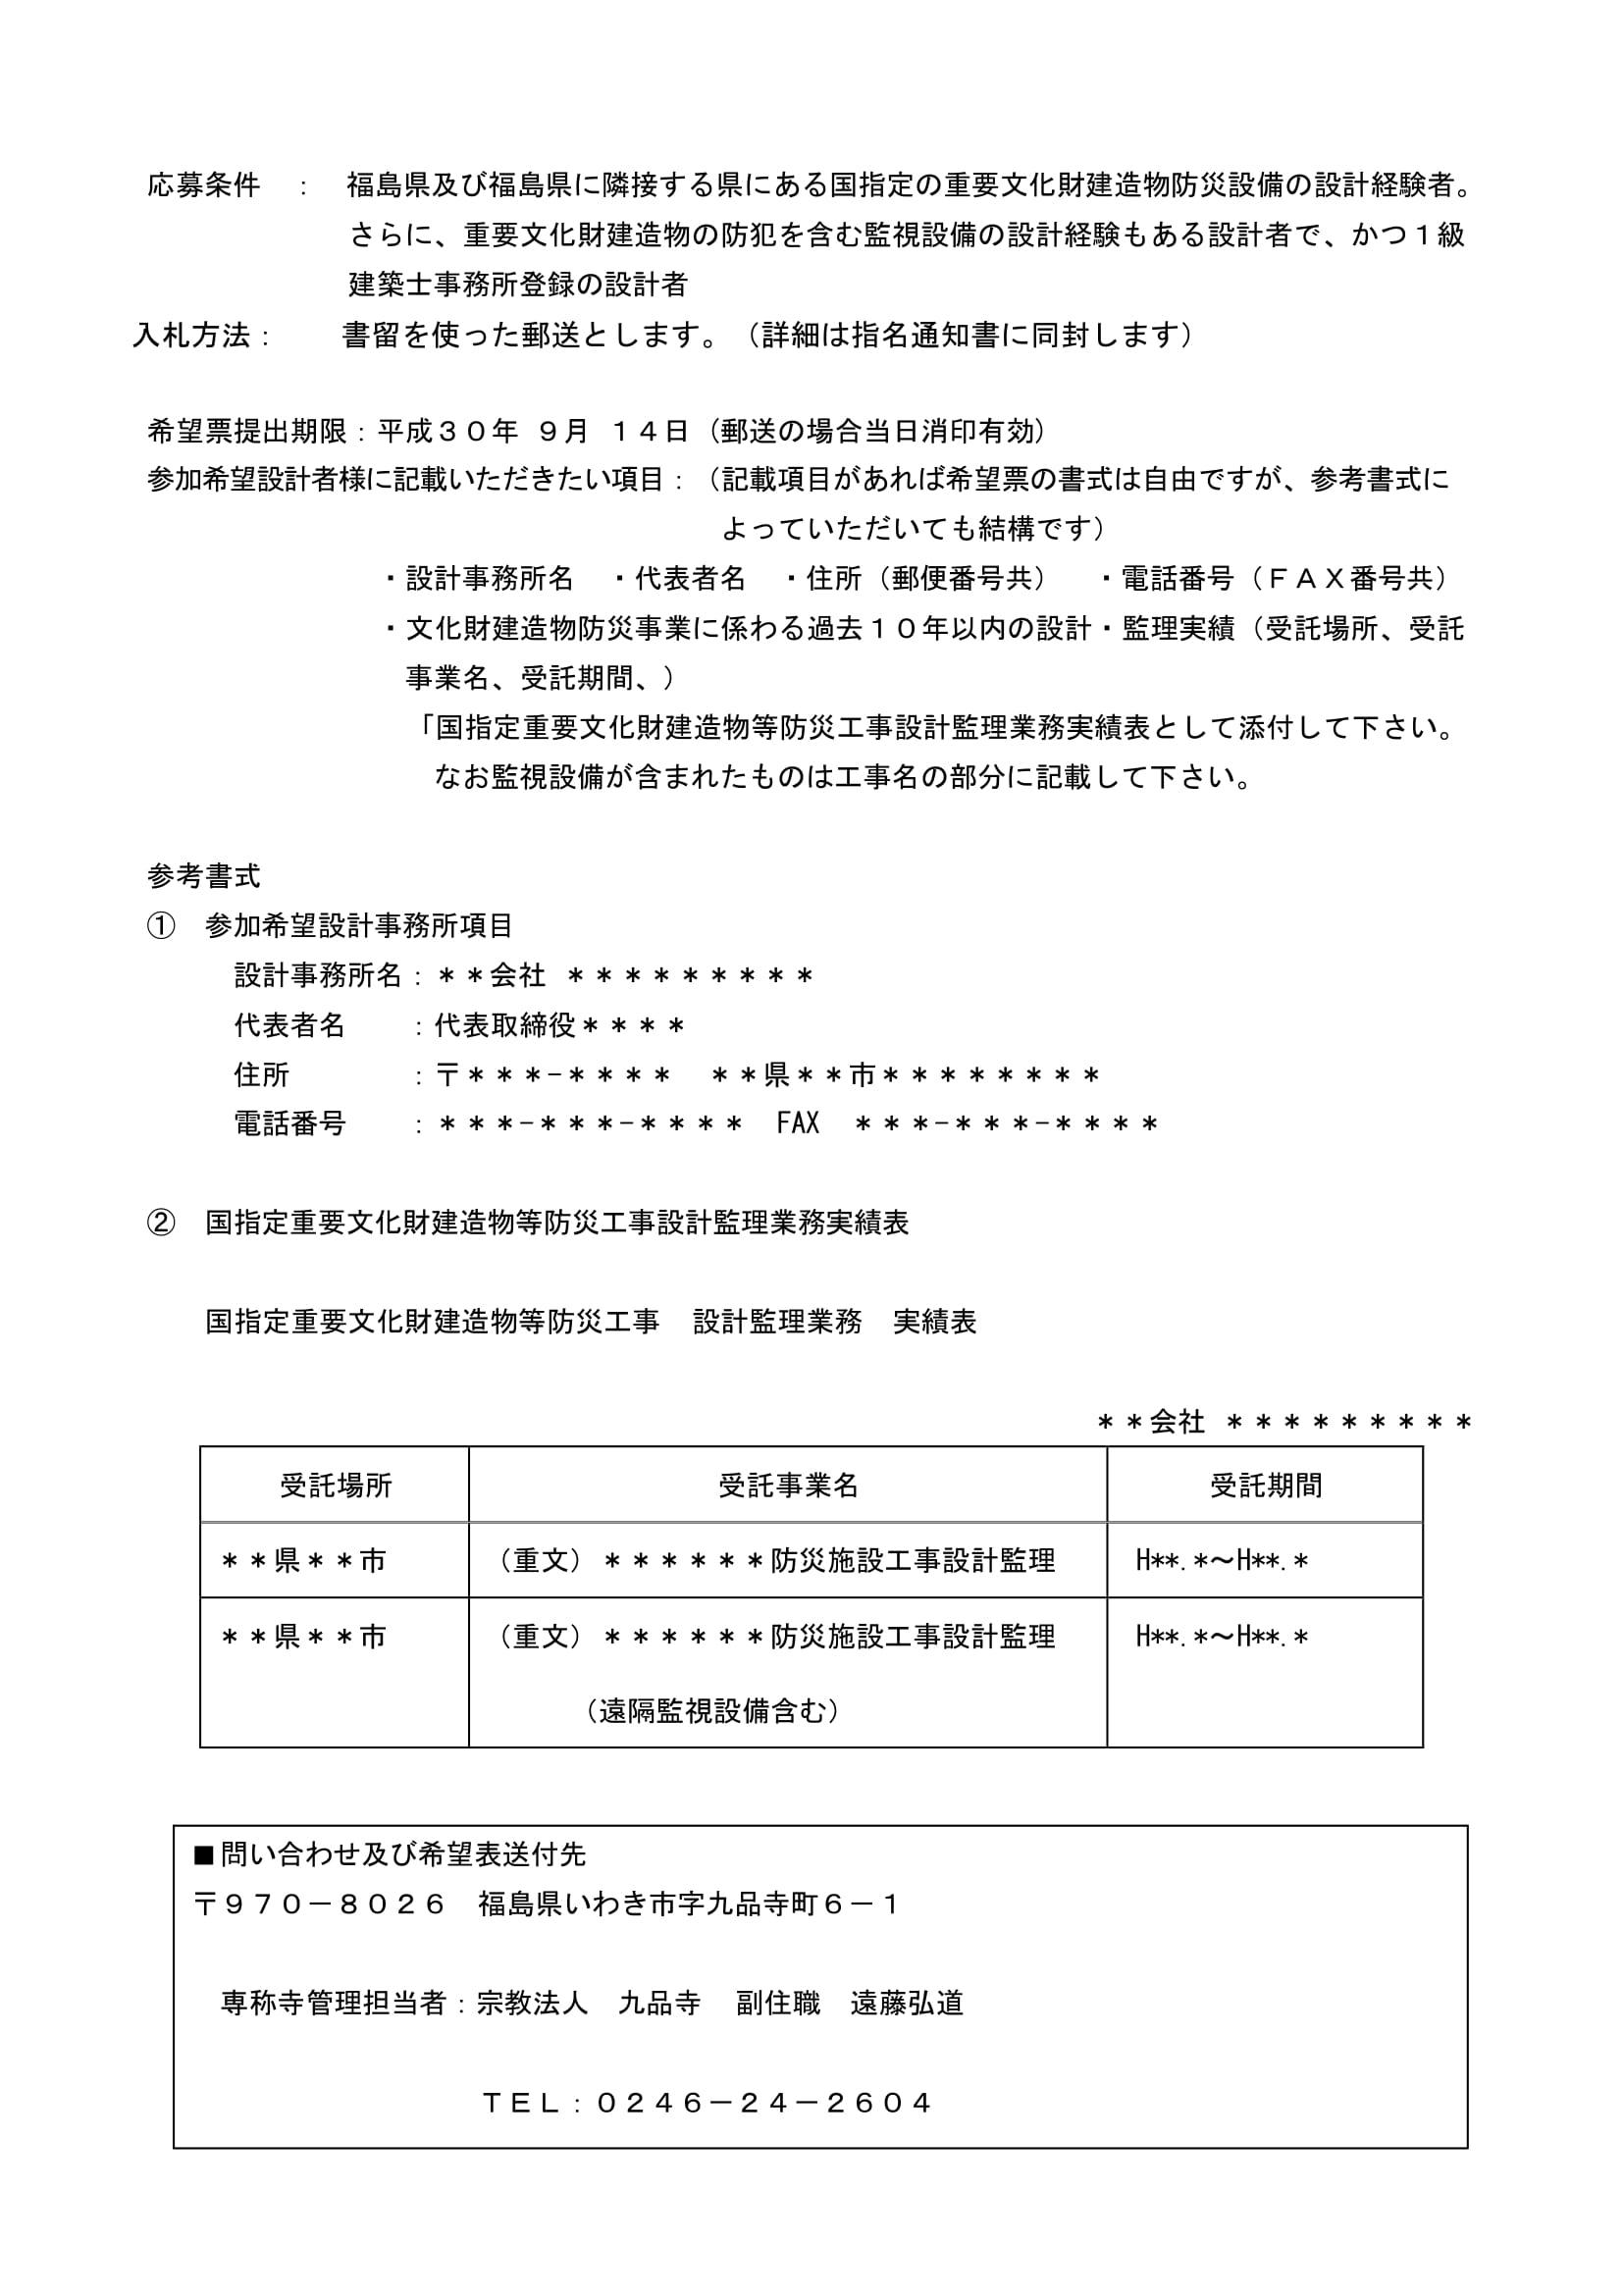 180903_防災設備設計者募集のお知らせ-2